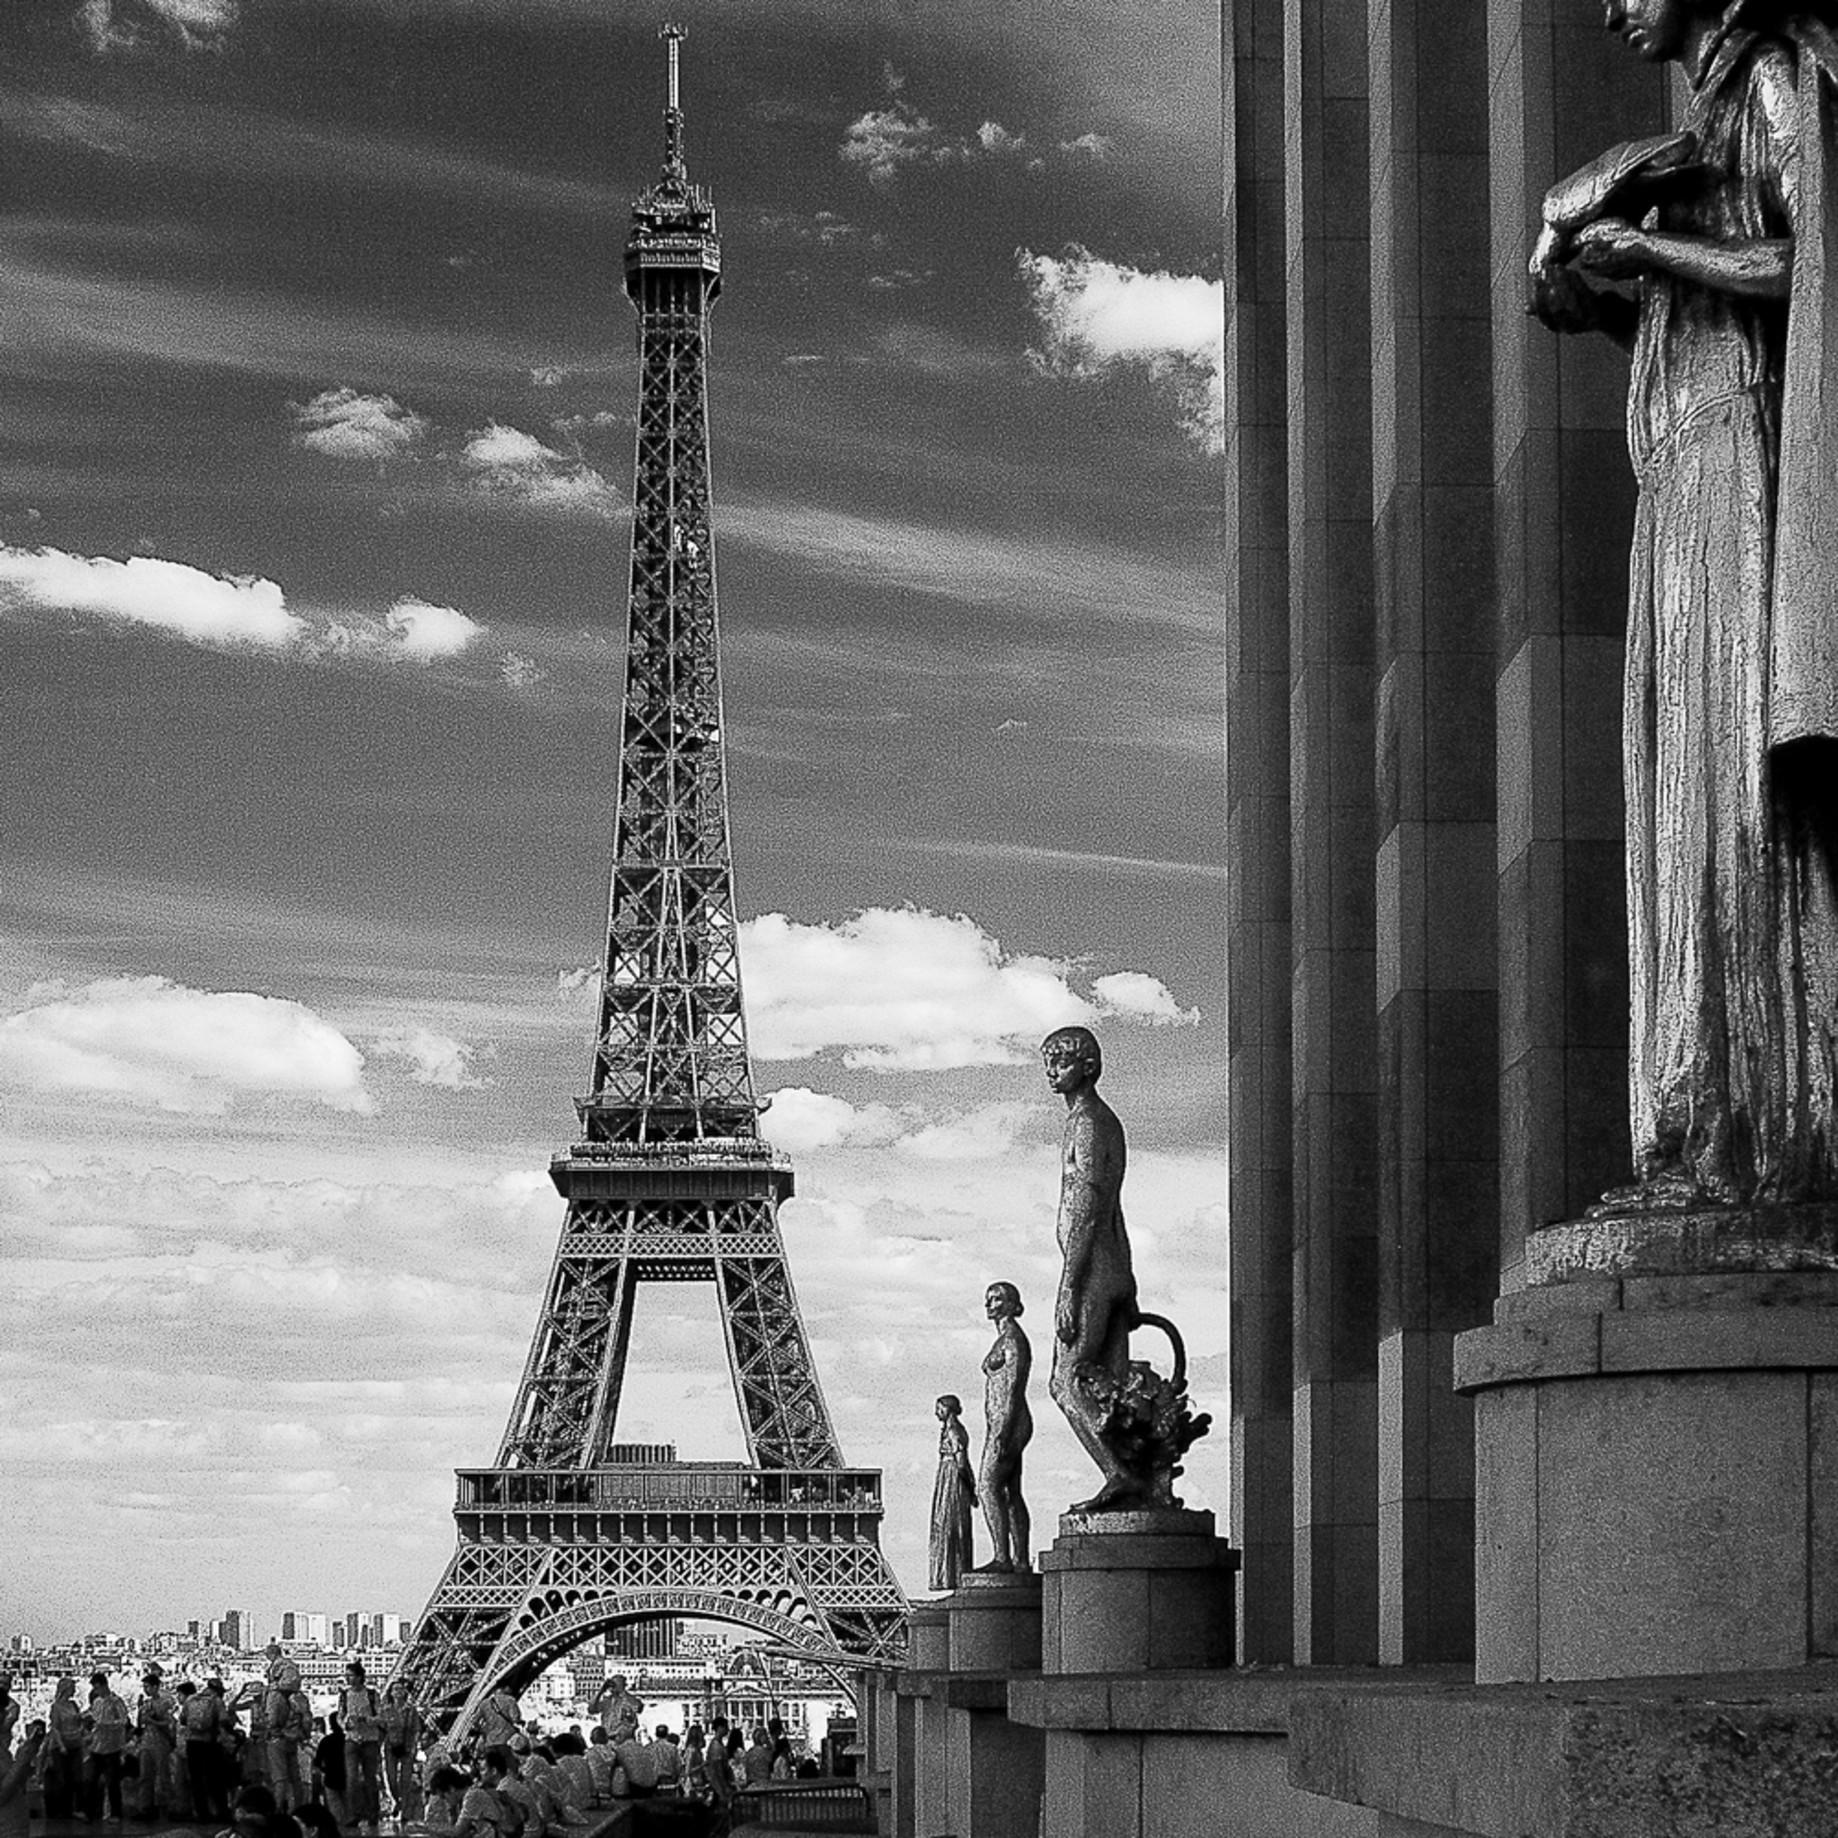 Les statues et la tour eiffel xmrpz9